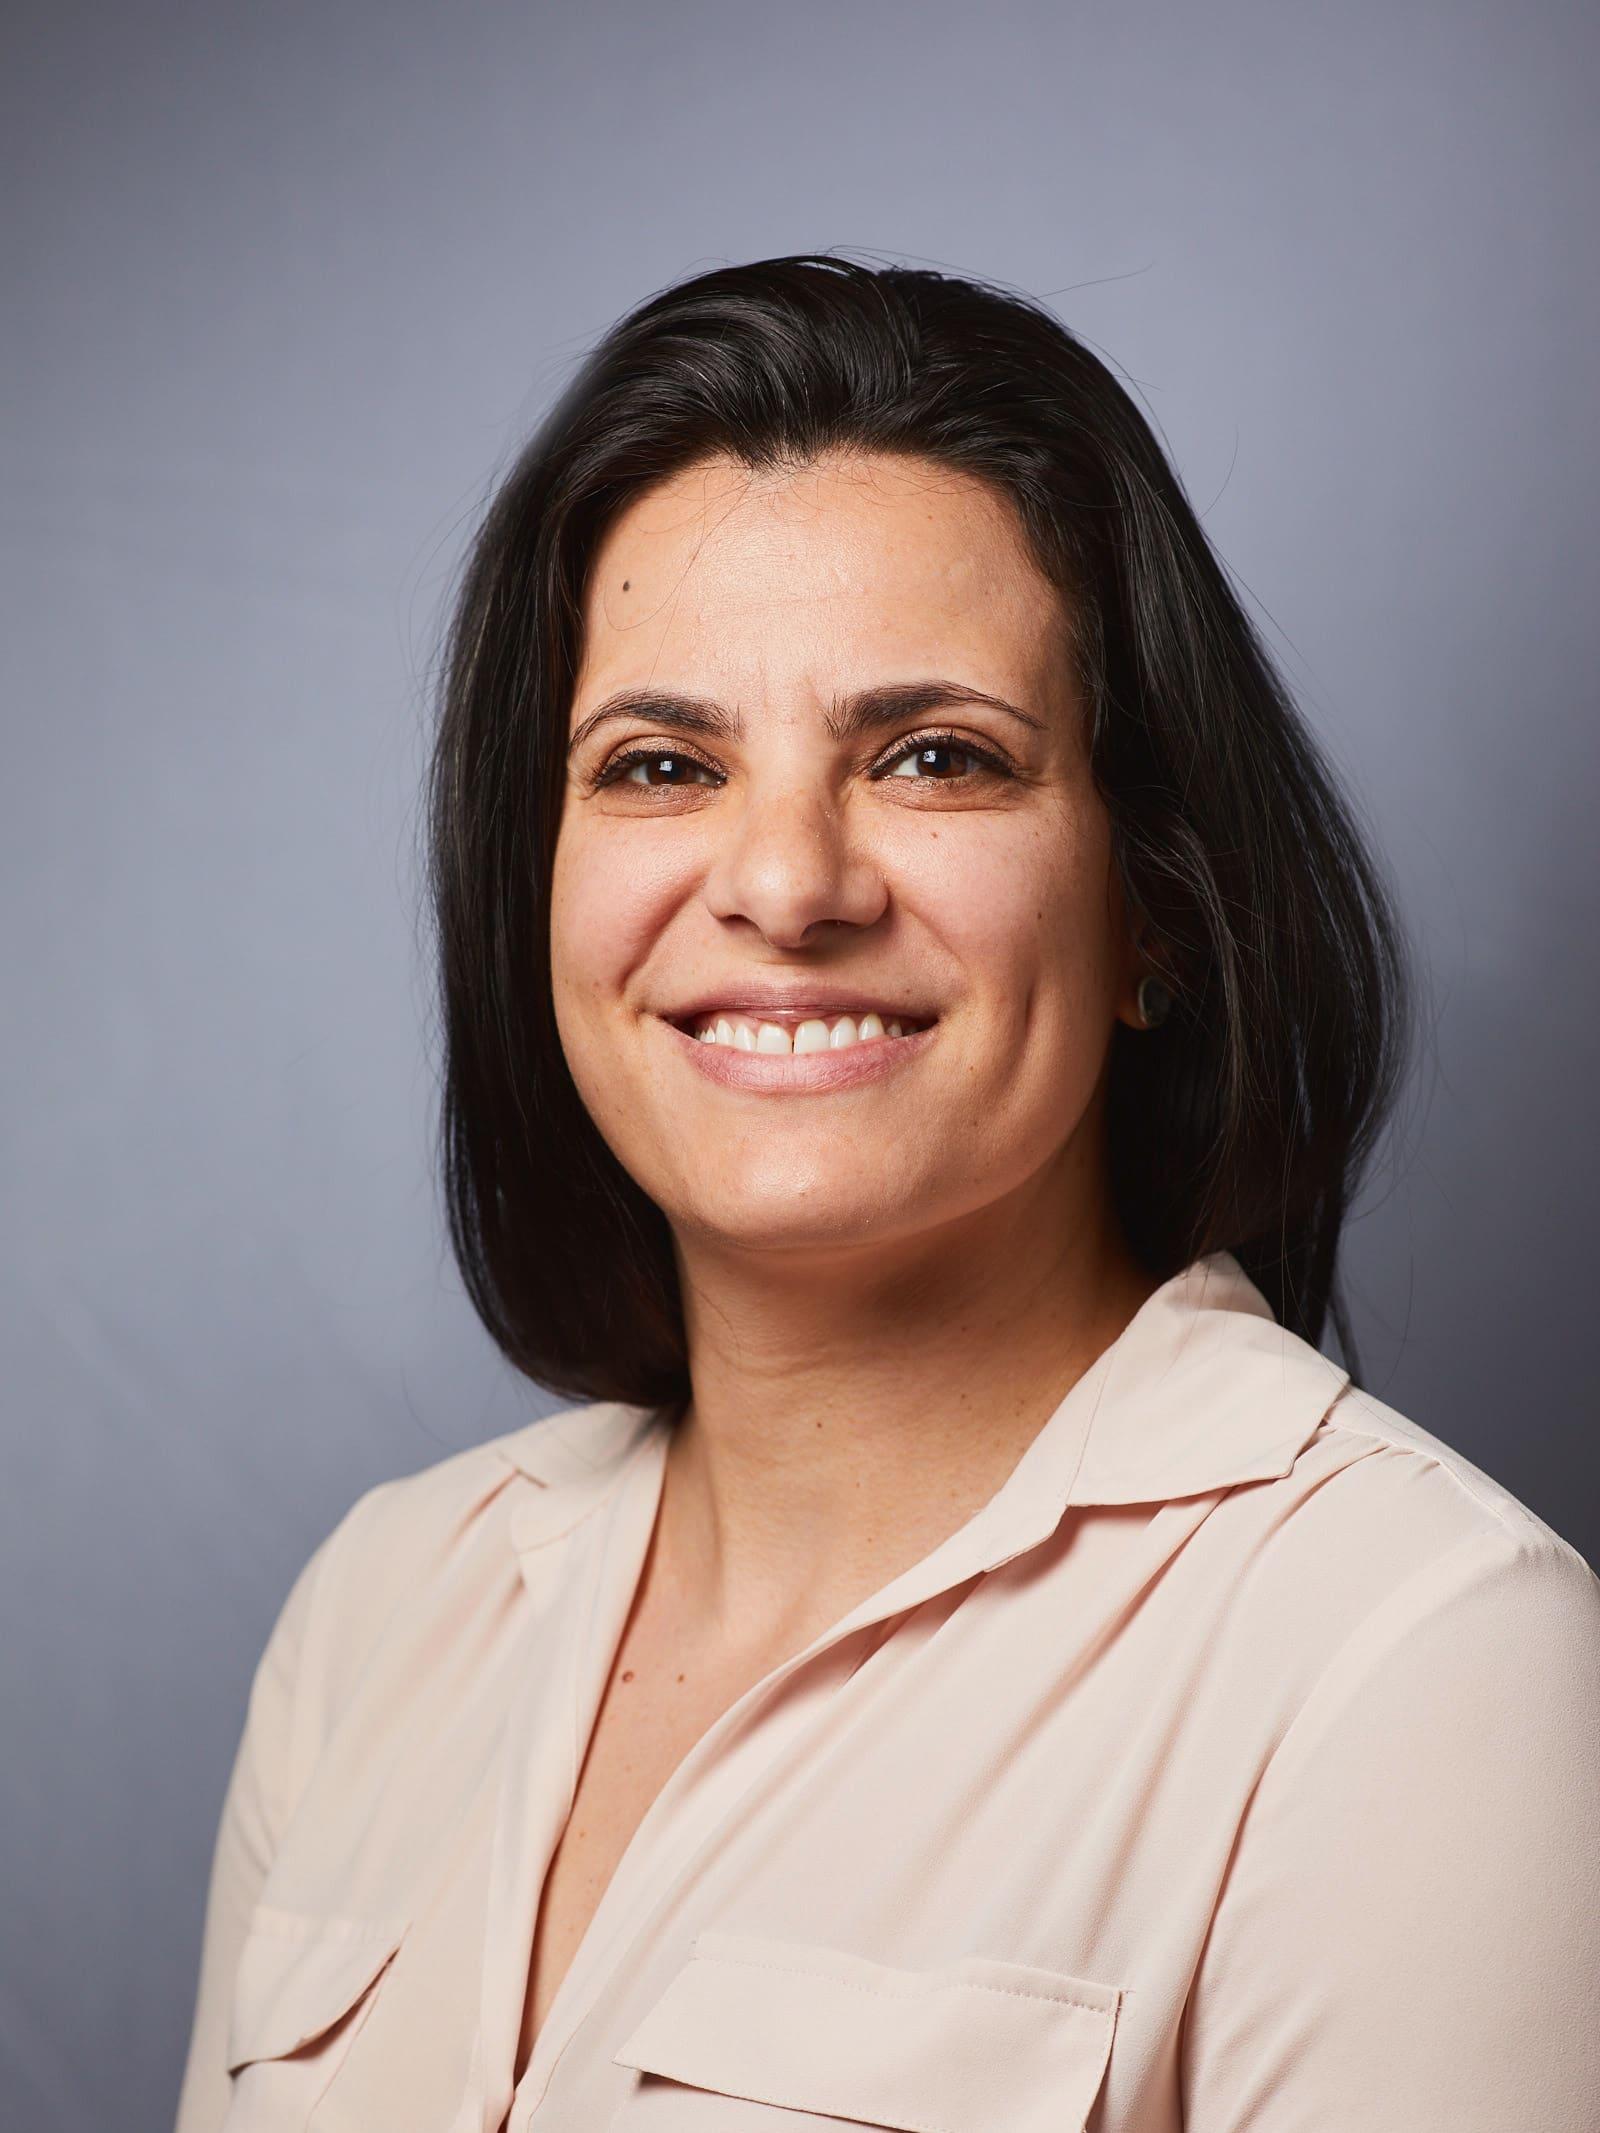 Marina Silveira